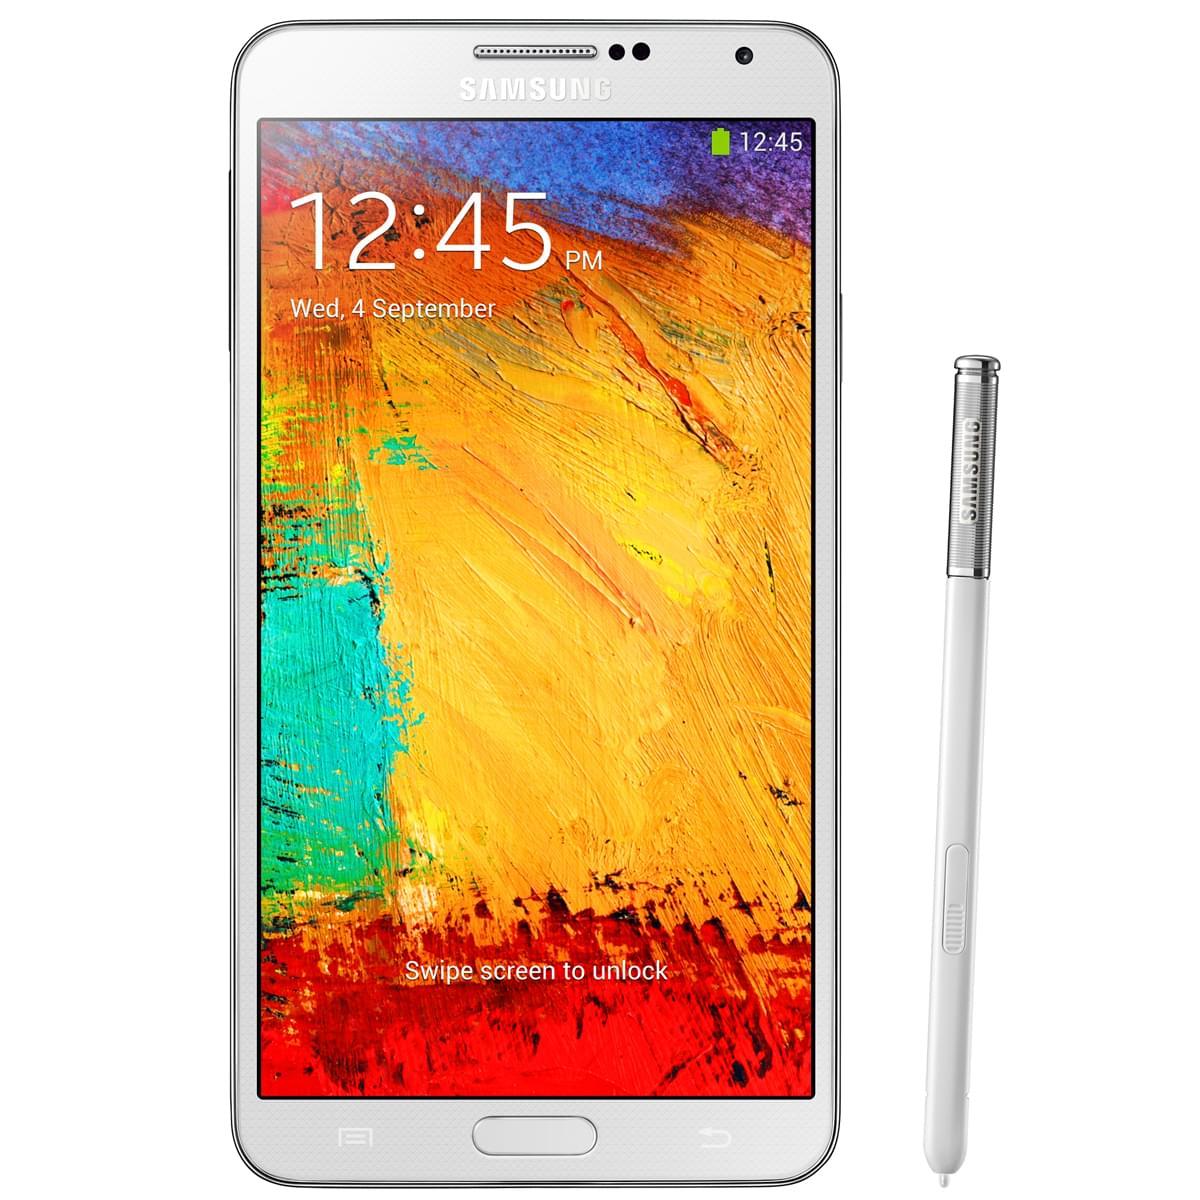 Samsung Galaxy Note 3 32Go N9005 Classic White (SM-N9005ZWEXEF) - Achat / Vente Téléphonie sur Cybertek.fr - 0